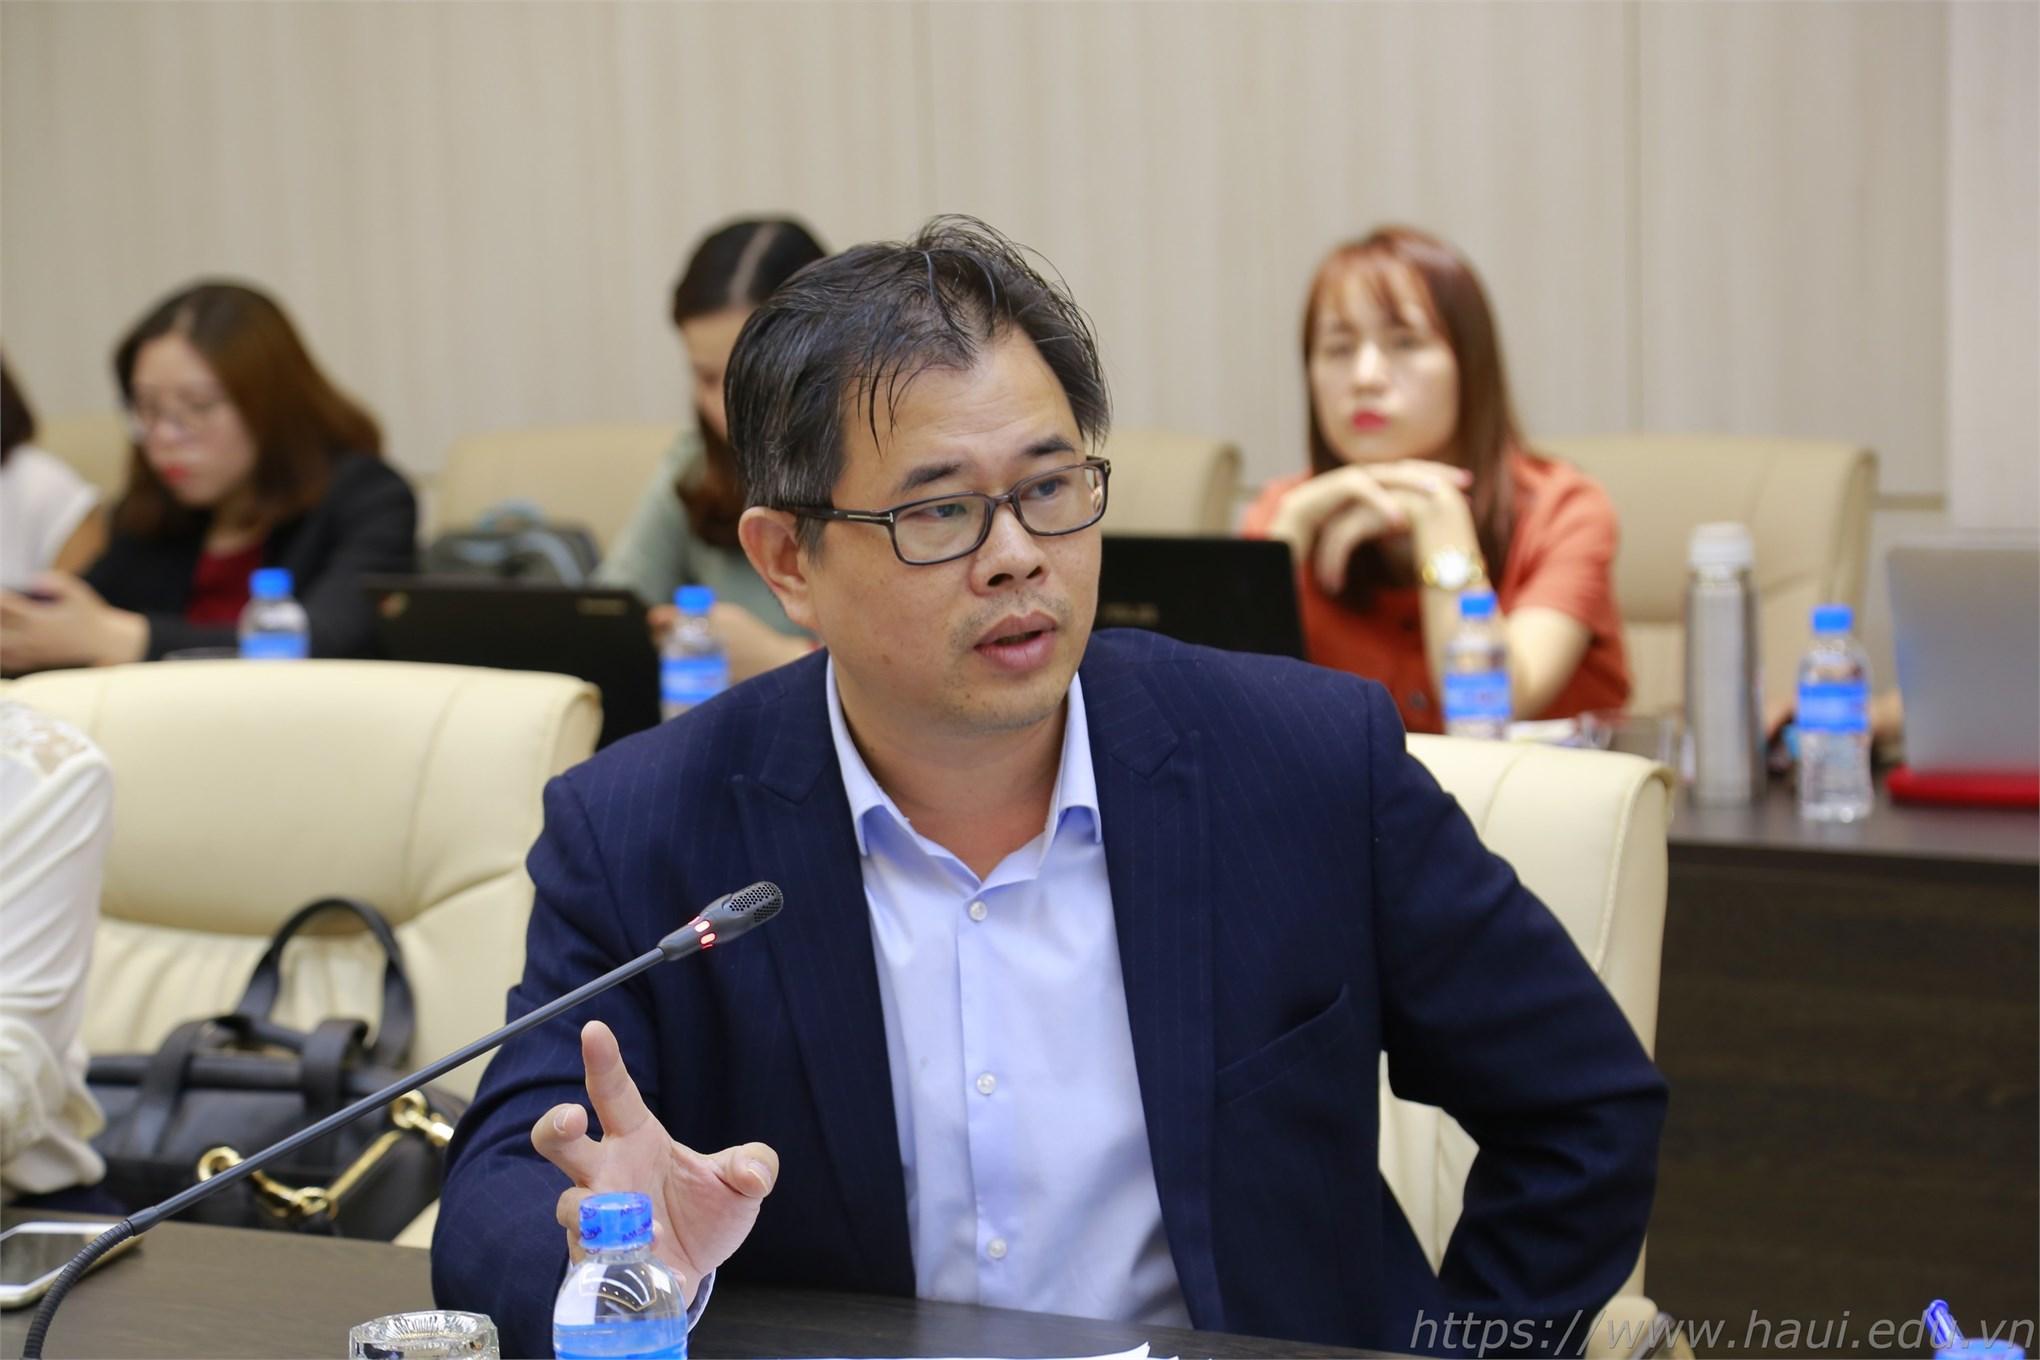 Tọa đàm đổi mới chương trình đào tạo ngành kiểm toán tại Đại học Công nghiệp Hà Nội